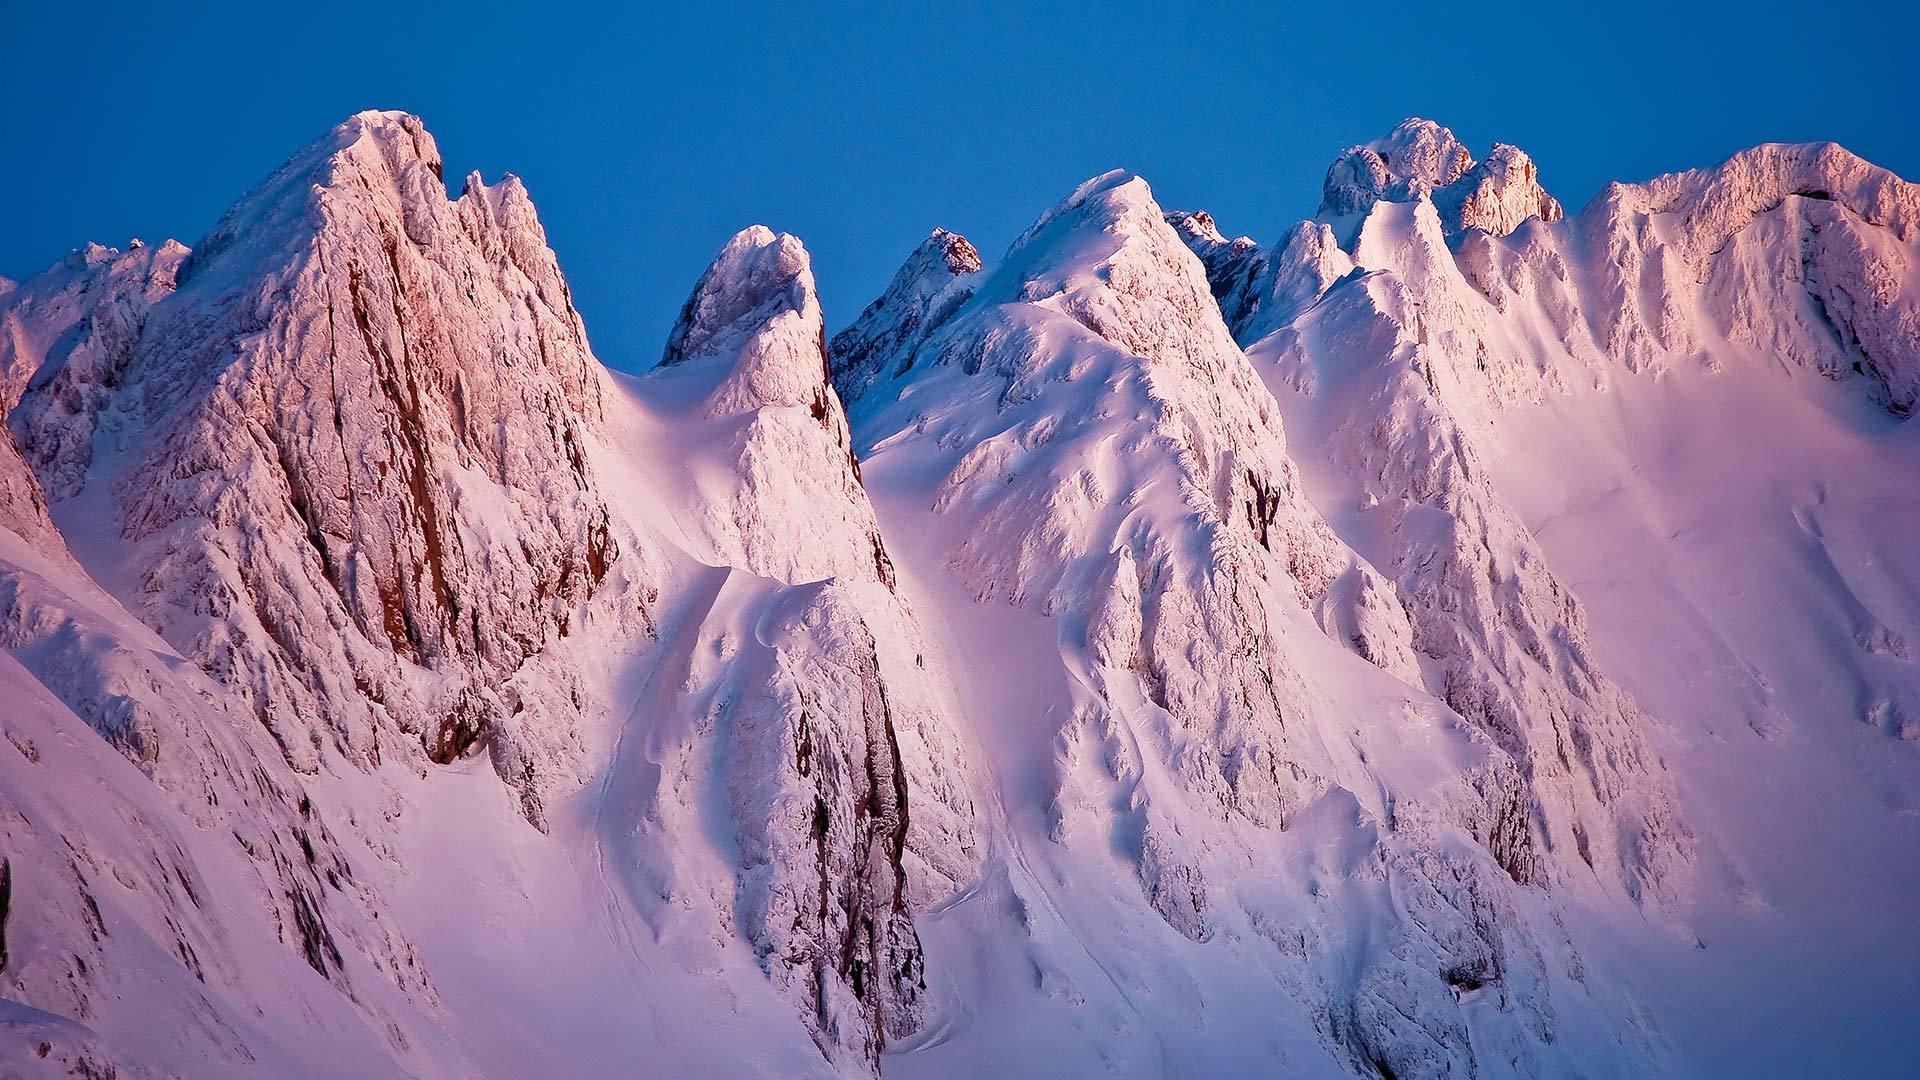 欧罗巴山Los Argaos山脉上的日落Los Argaos山脉